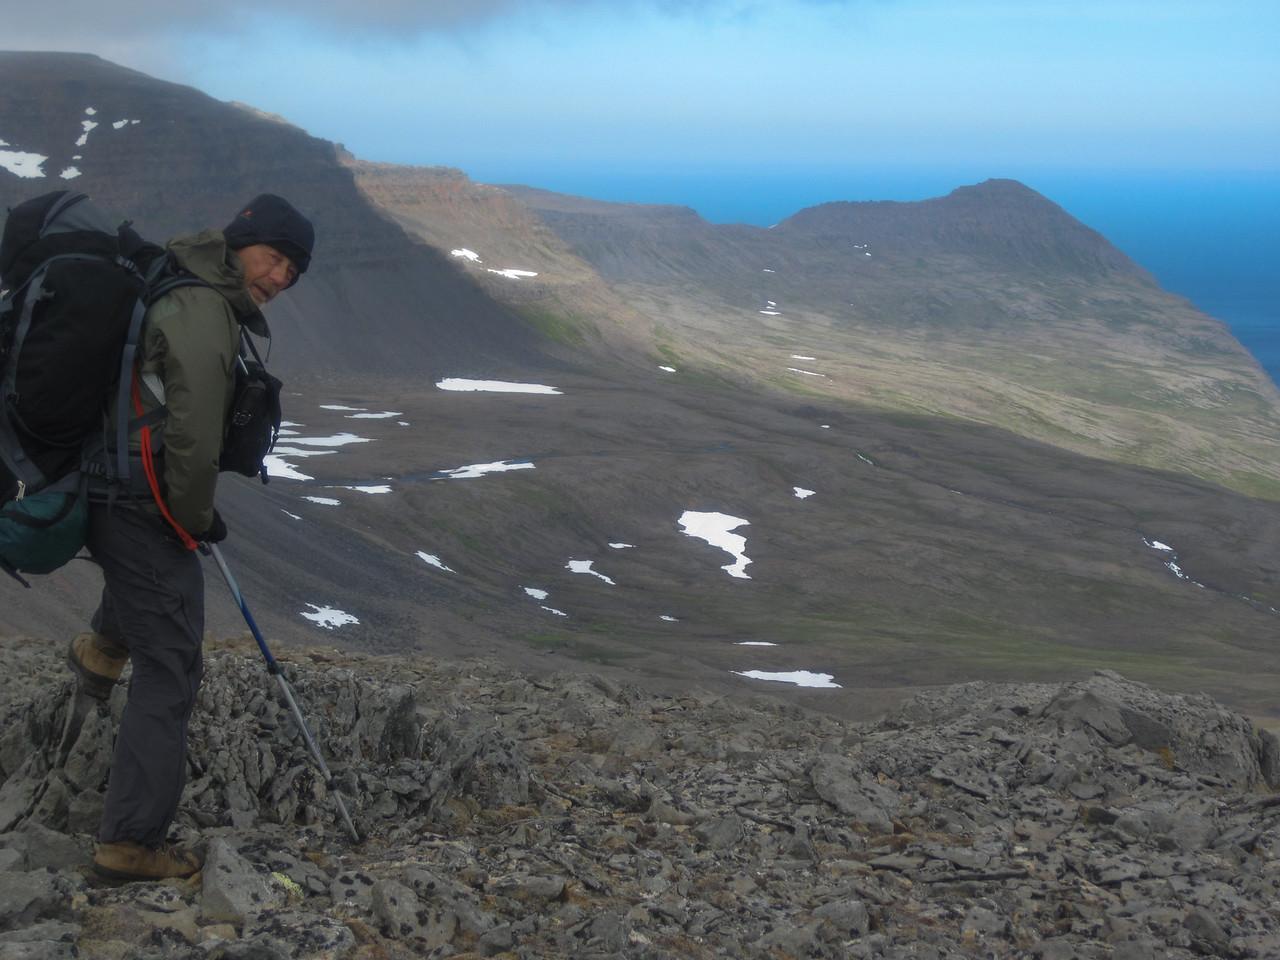 Horft yfir Kjaransvík - Almenningaskarð sést vel